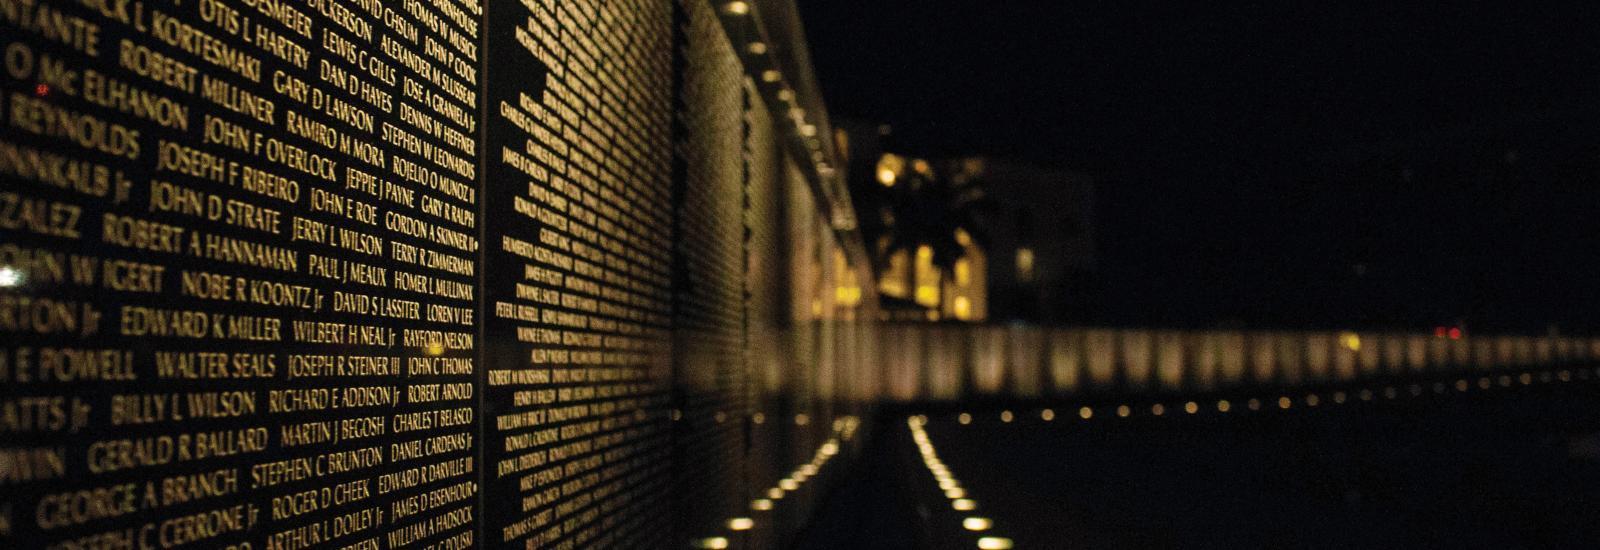 Veterans_Wall_at_Night_9_8_16_14_rgb_1e7d4f6f-212e-4683-9cde-39c93a92b50d.jpg